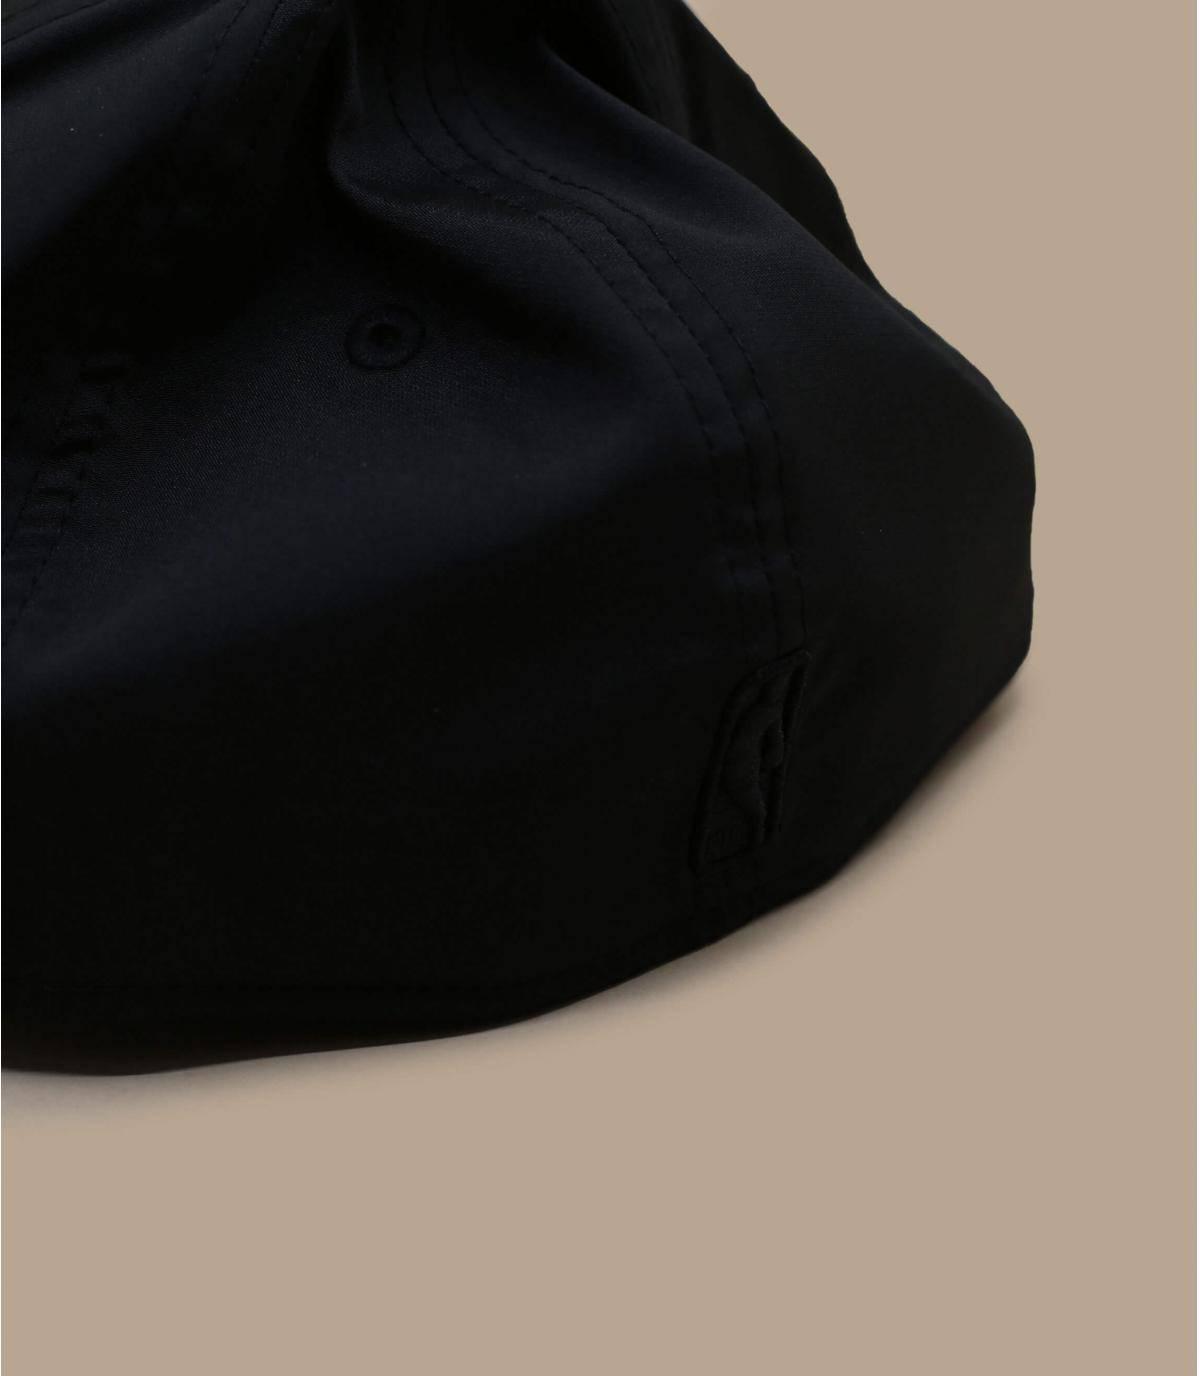 Détails Casquette Black Camo 3930 Bulls - image 4